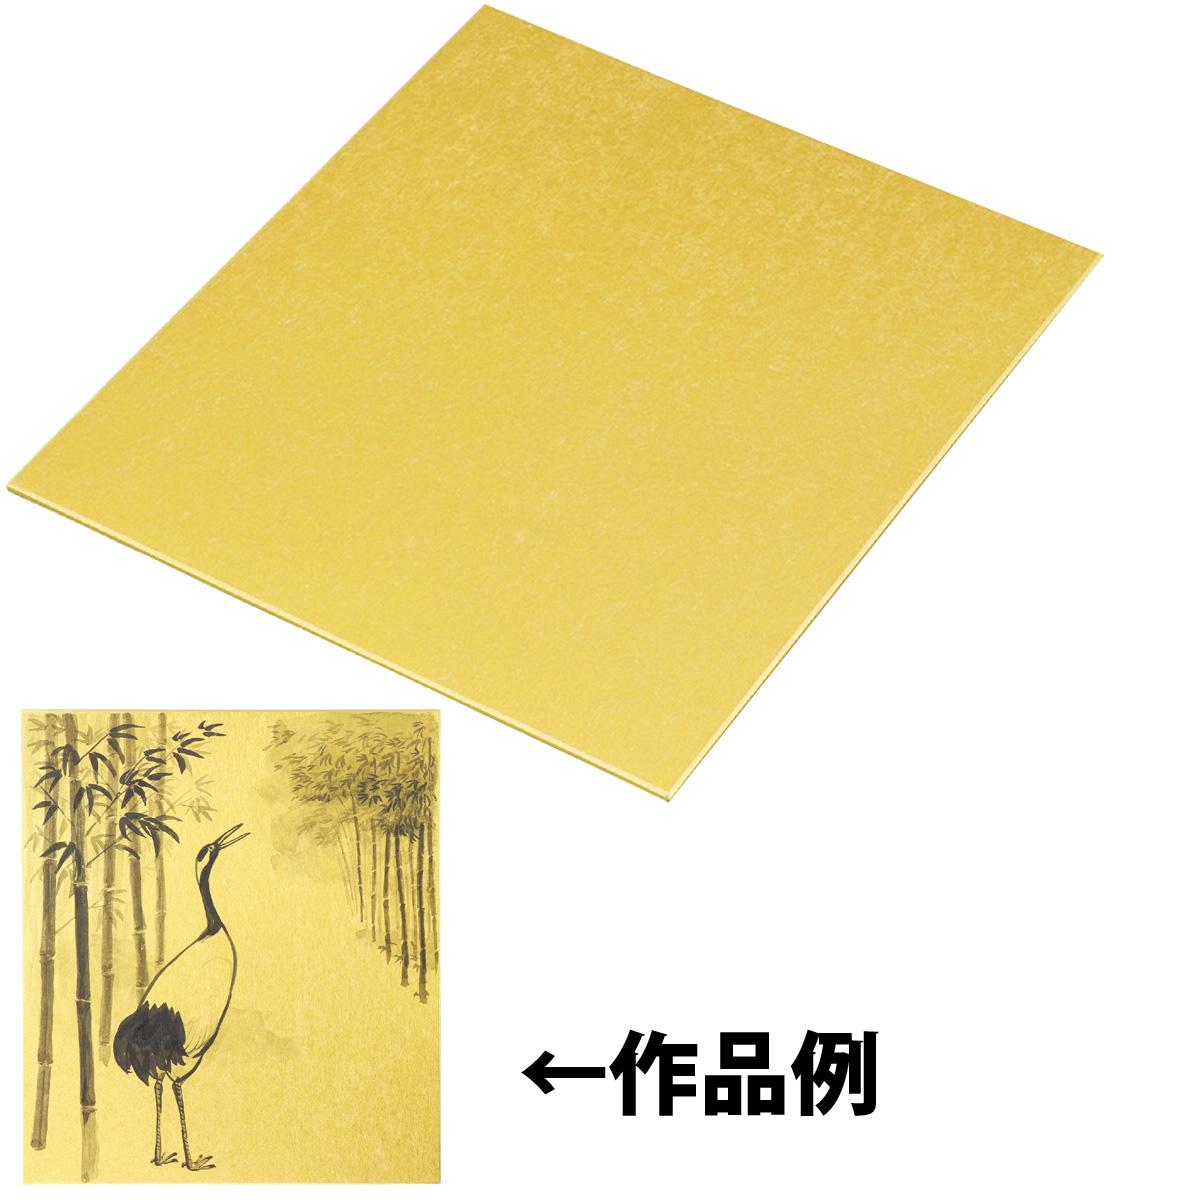 金の色紙 金 色紙 しきし 絵 図工 工作 画材 美術 学校 教材 クリスマスプレゼント